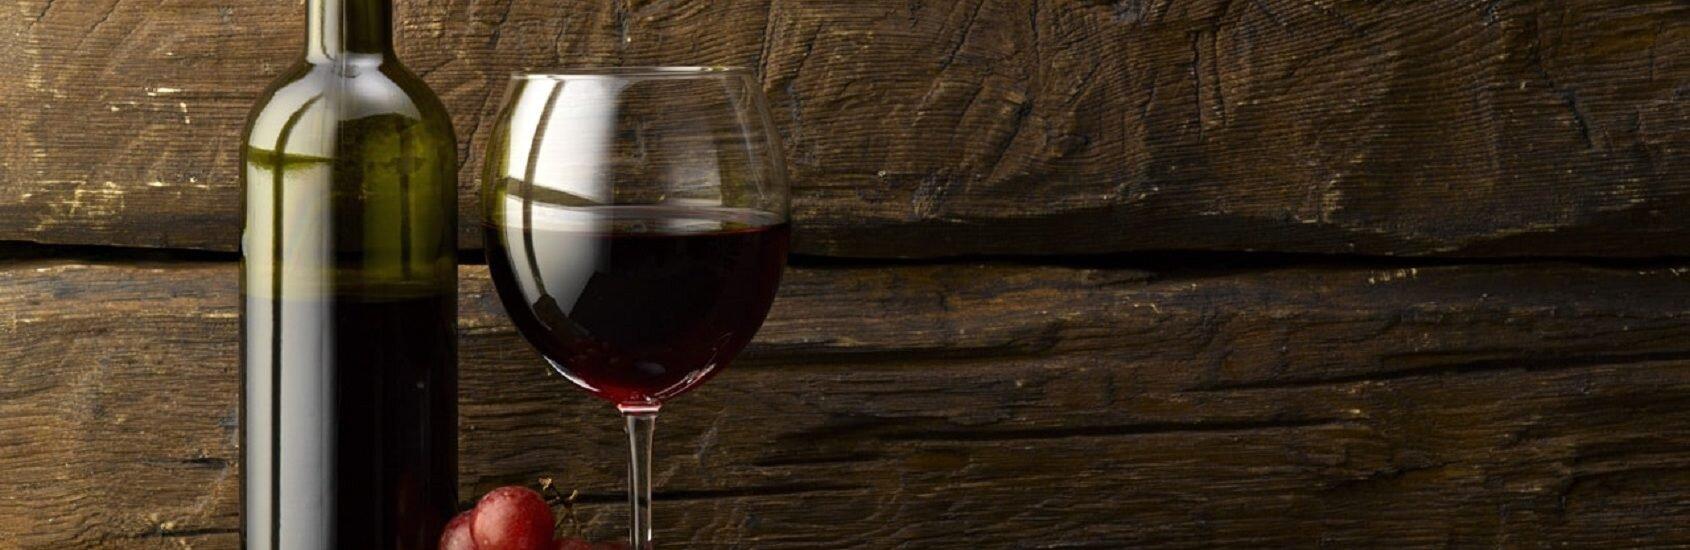 vinho-chileno